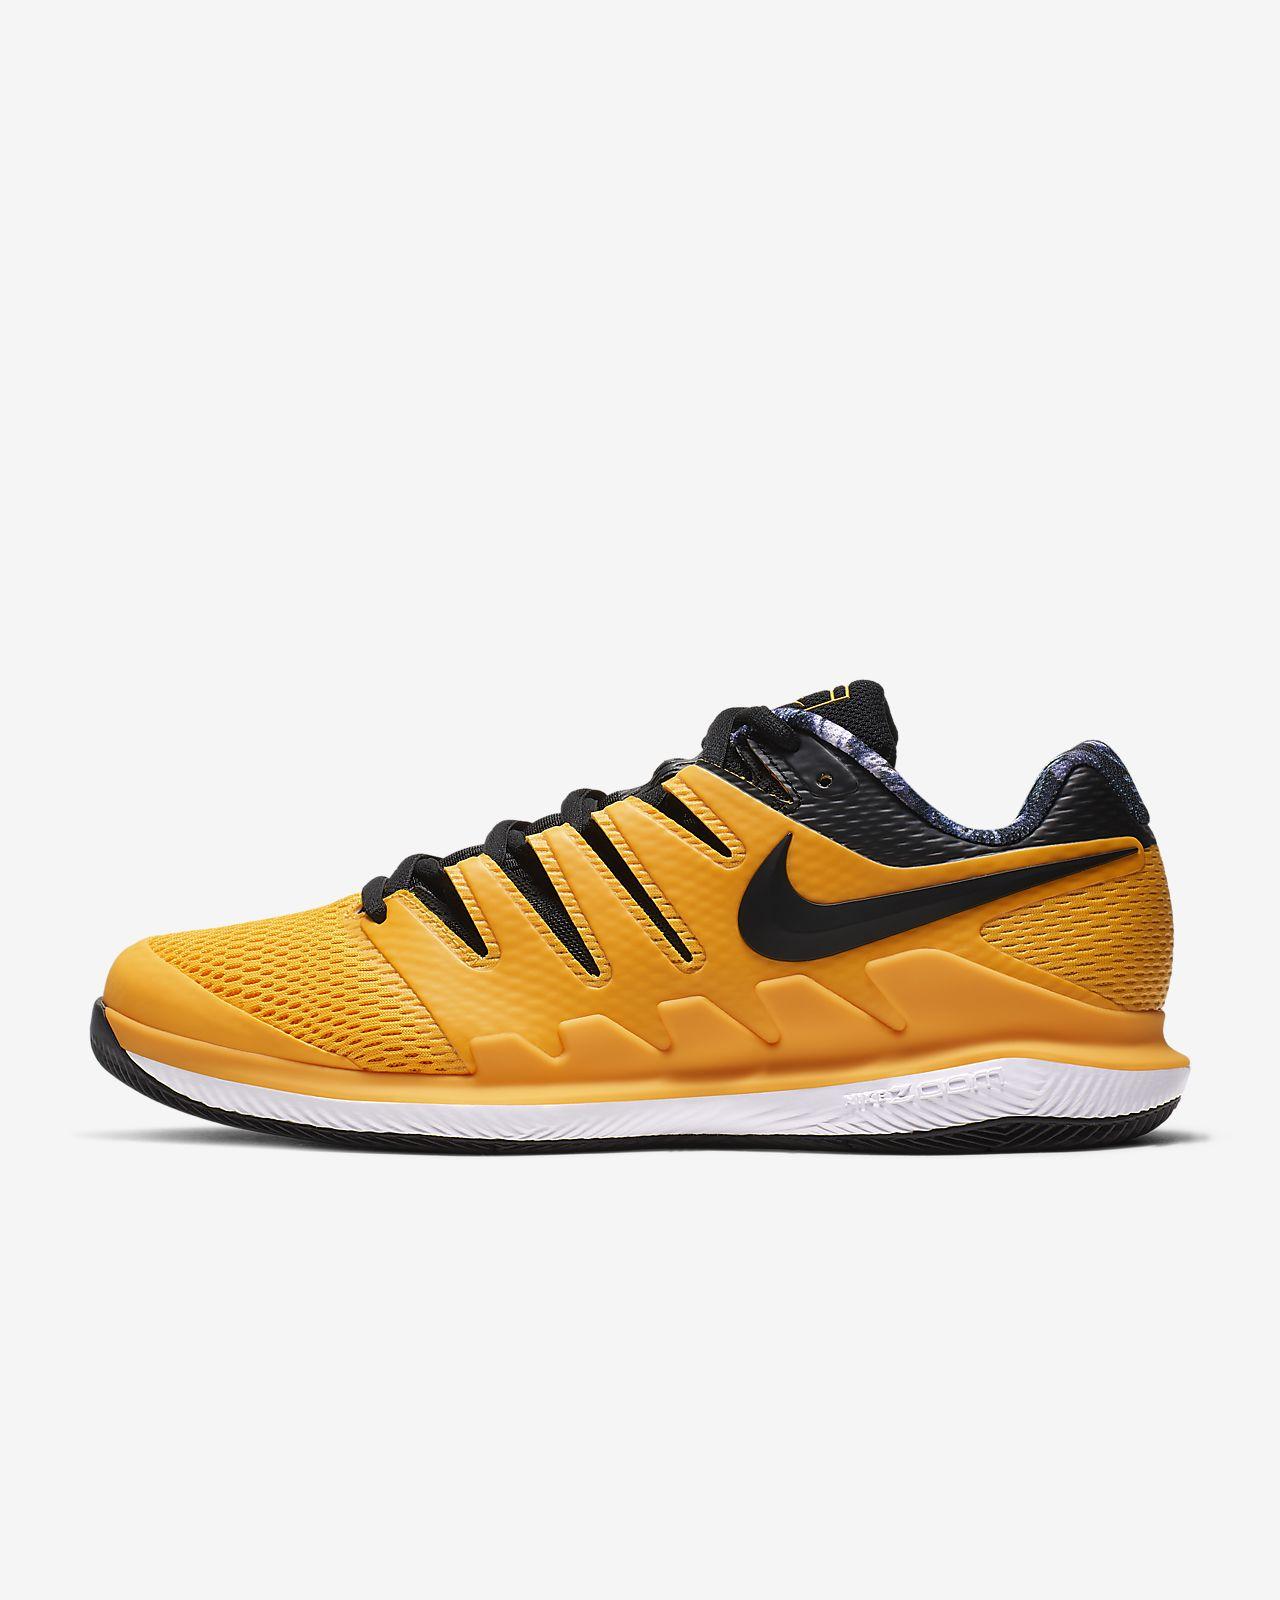 new product 082ce 0c0a9 NikeCourt Air Zoom Vapor X Herren-Tennisschuh für Hartplätze. Nike ...